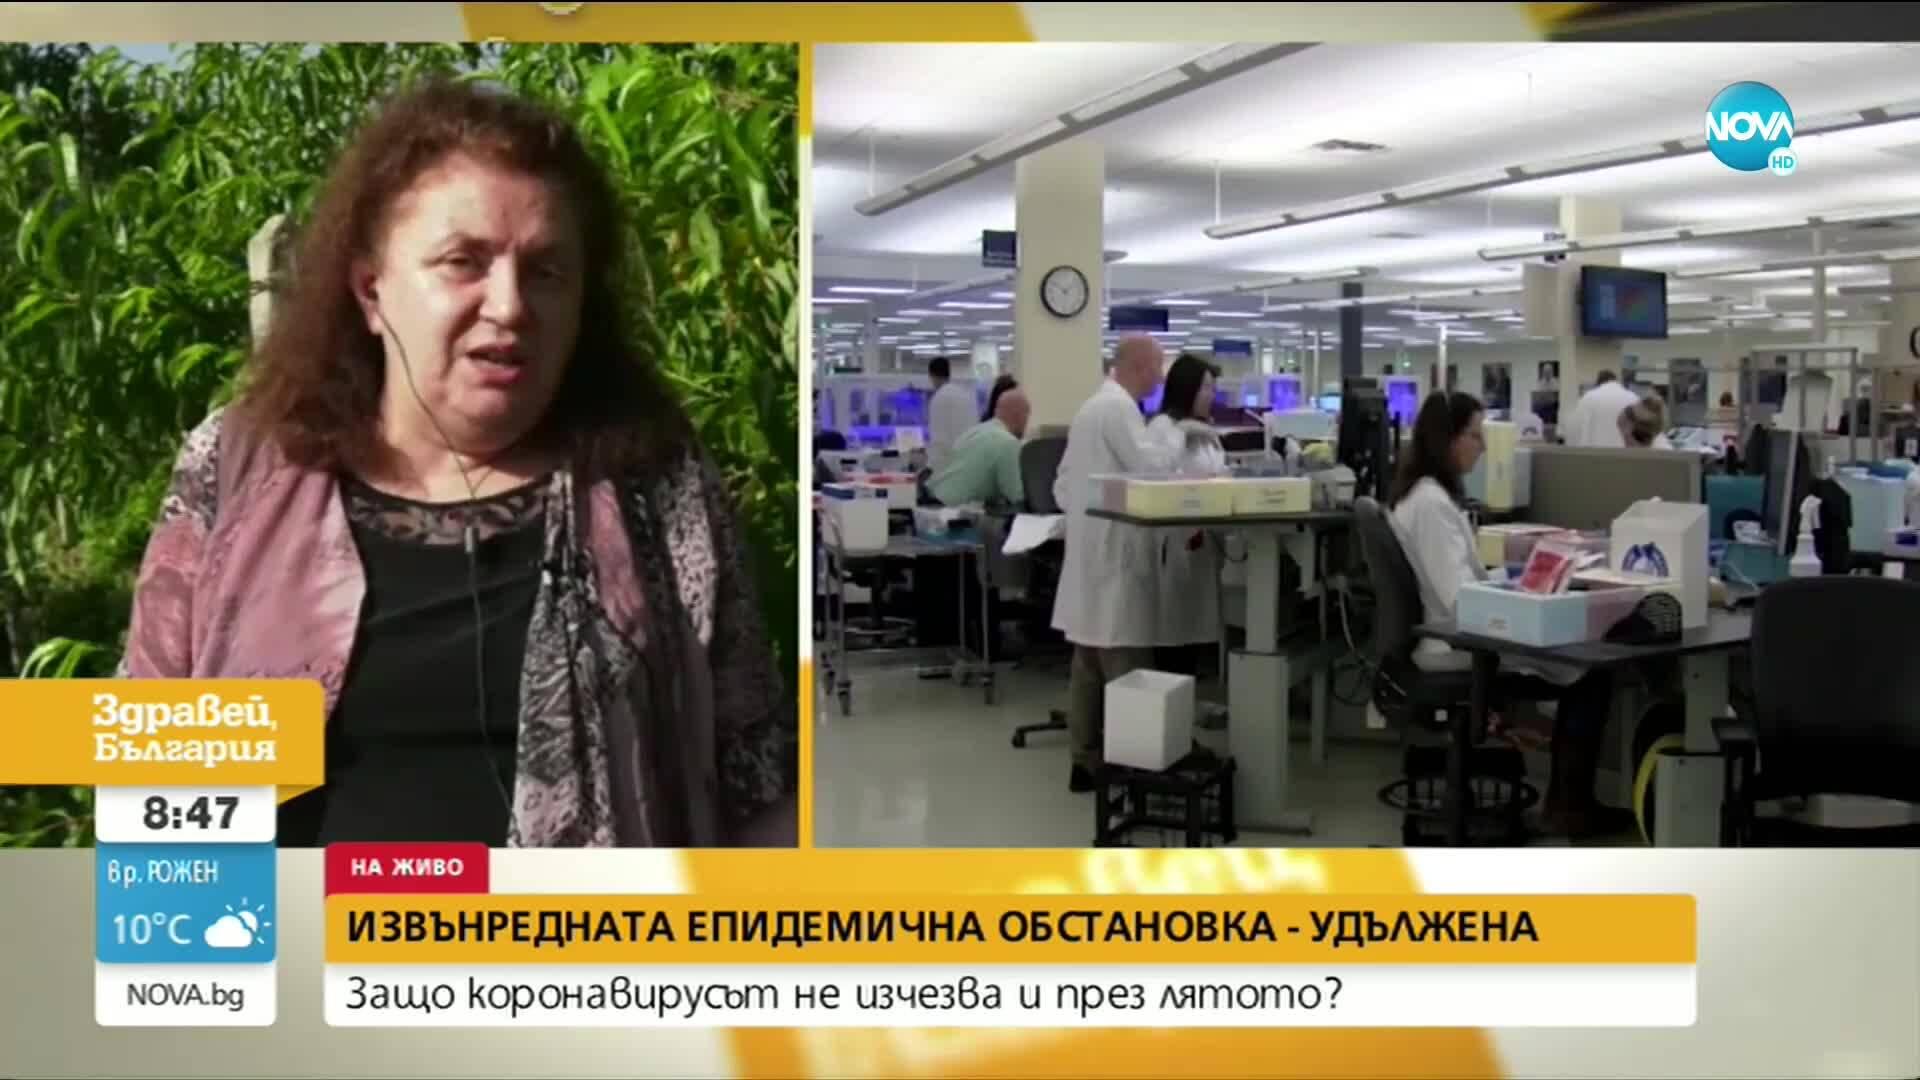 Вирусолог: Нормално е коронавирусът да отслабва, но това ще отнеме време